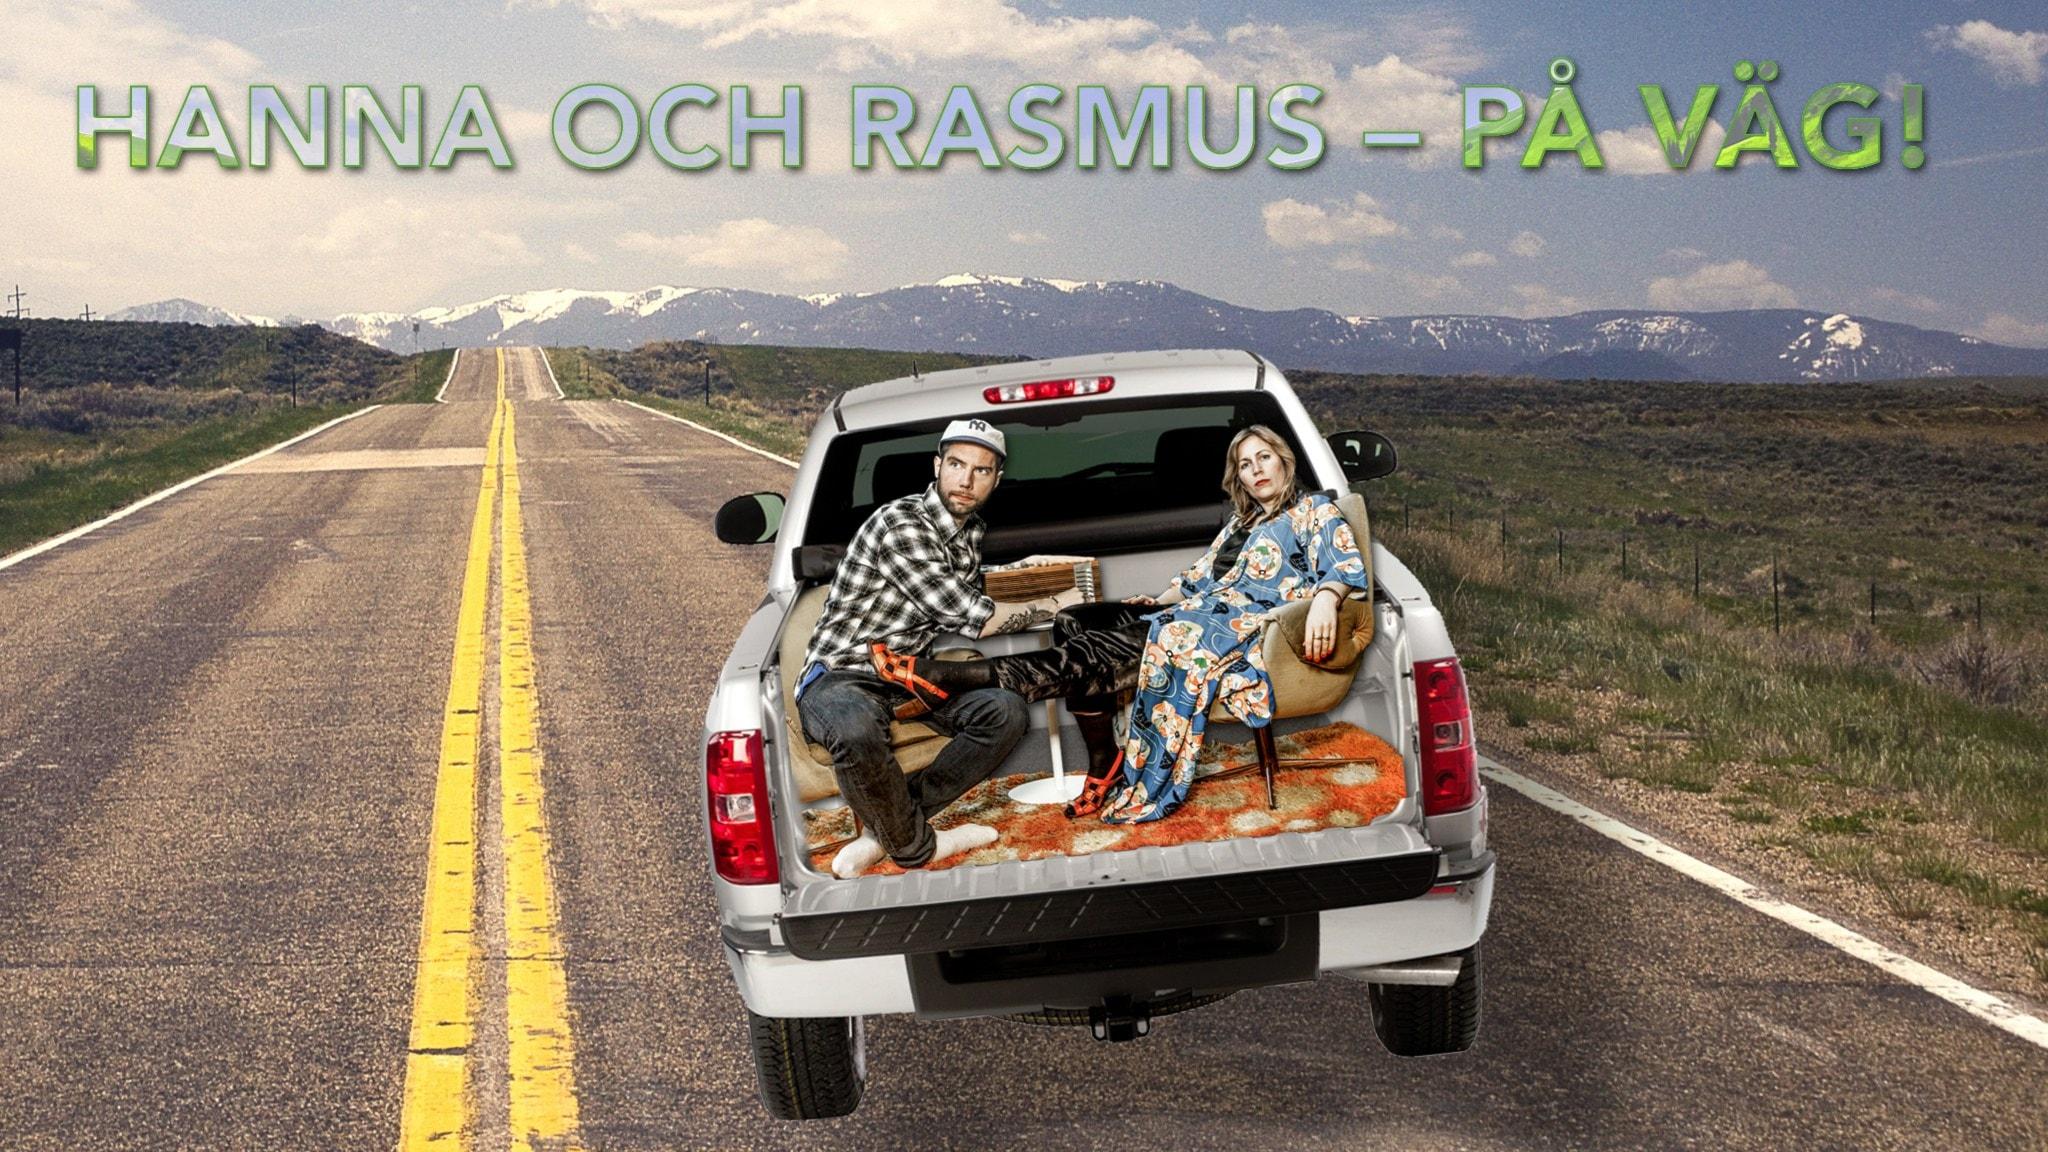 Hanna och Rasmus på väg